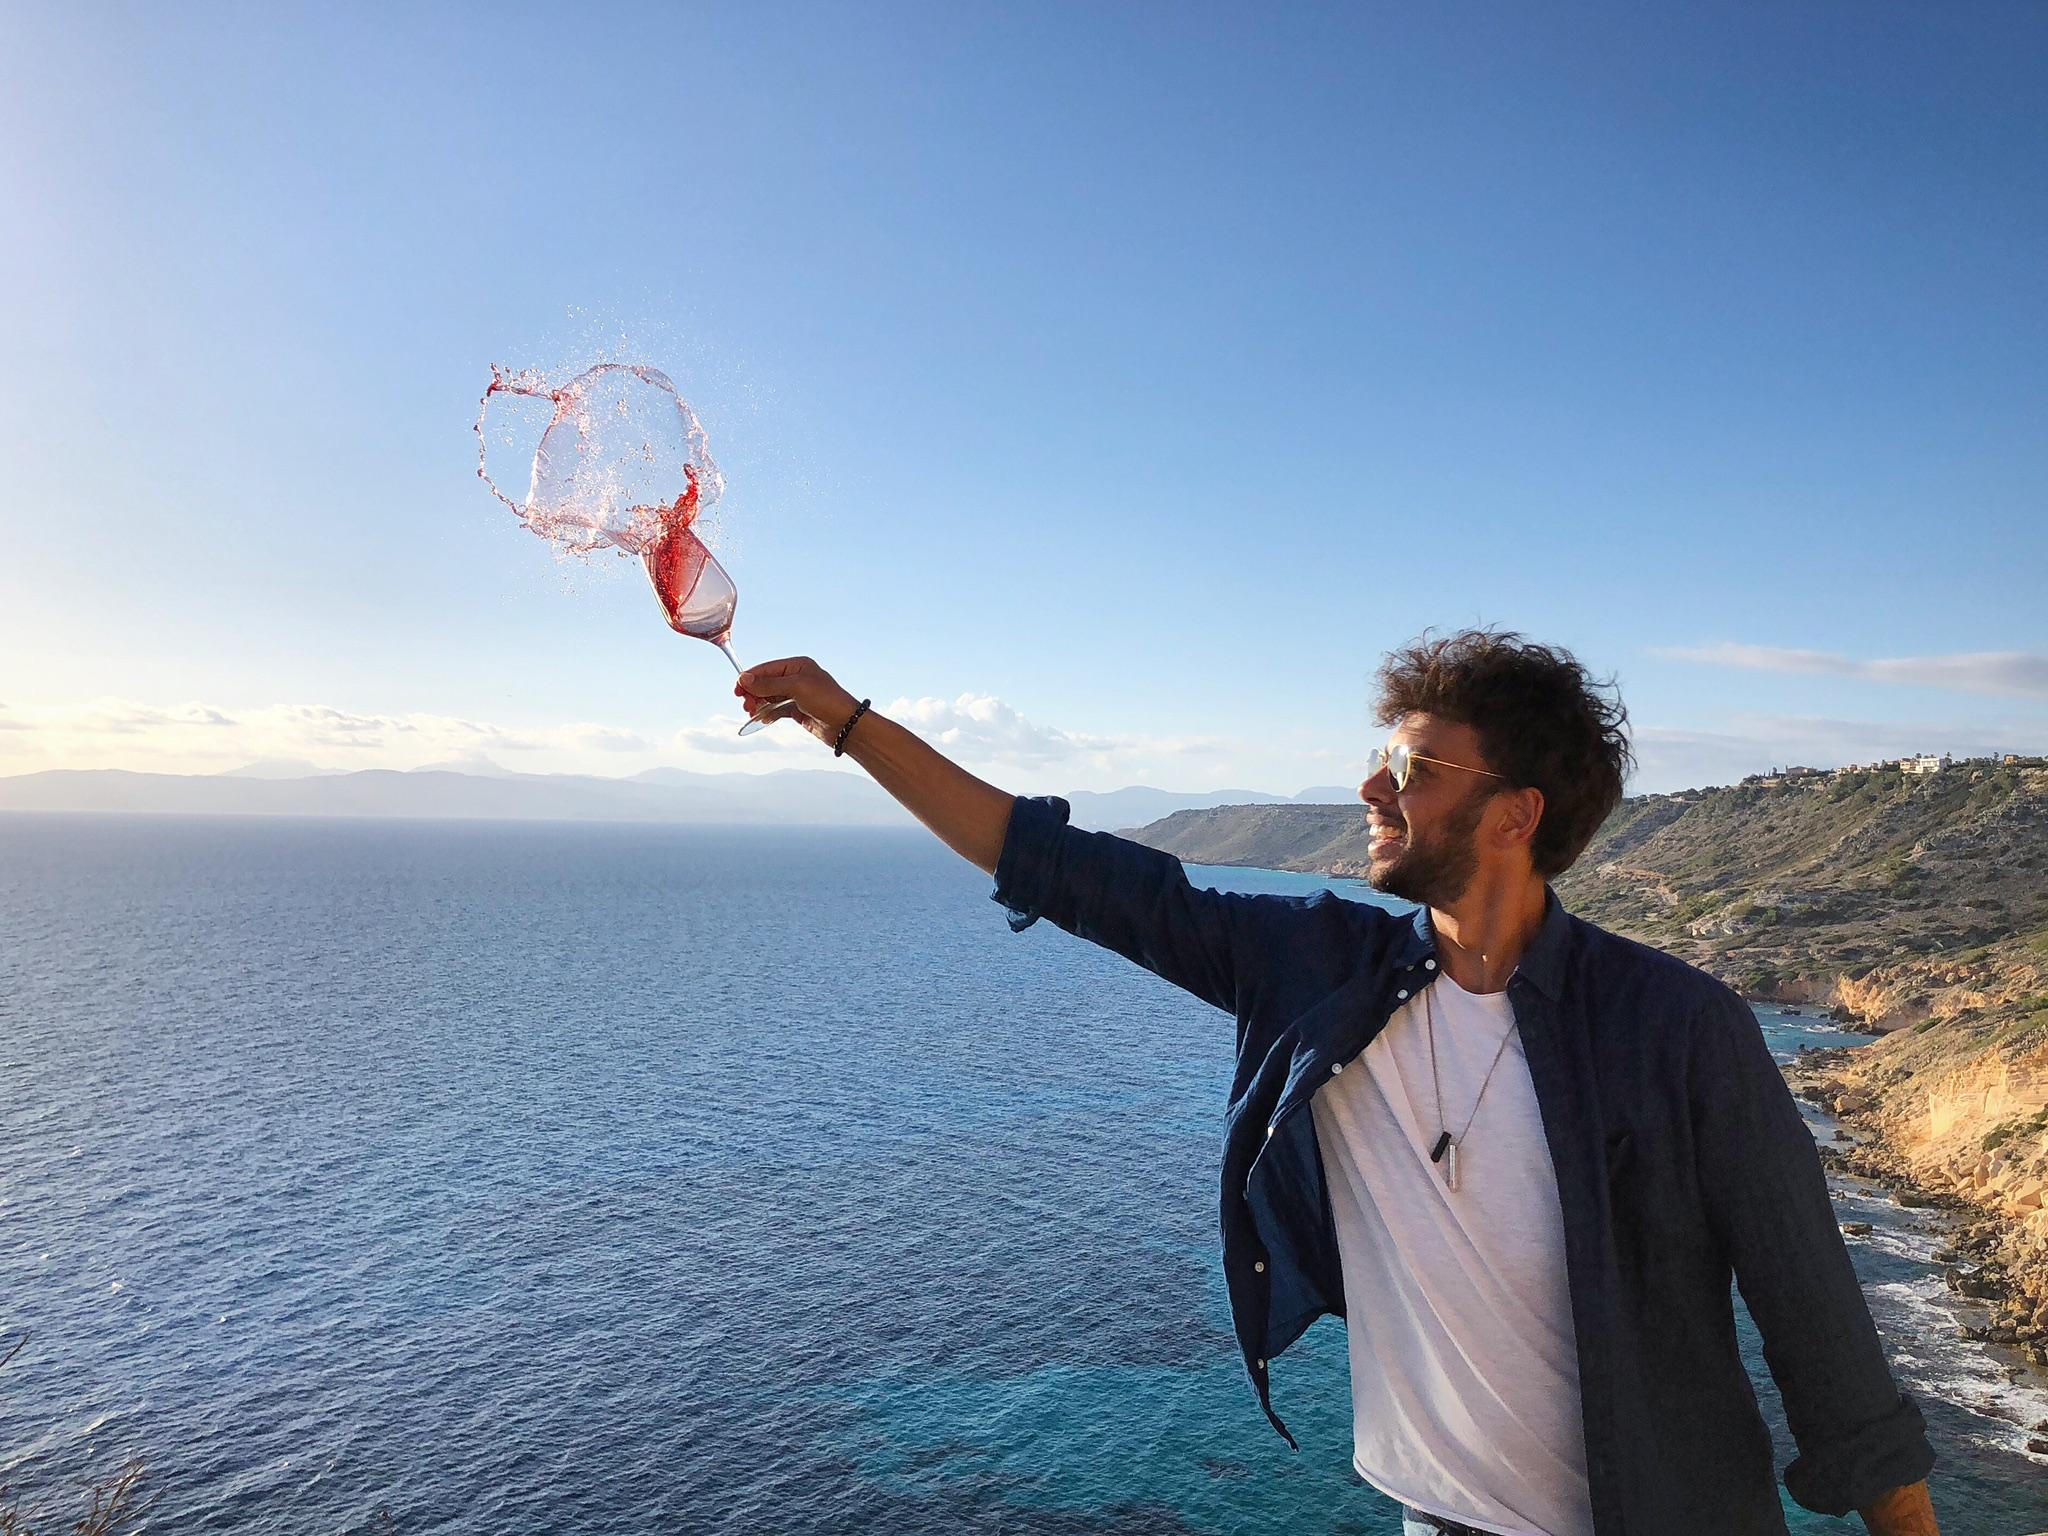 RoadTrip#1, a journey into Italian Wine – Kaataa